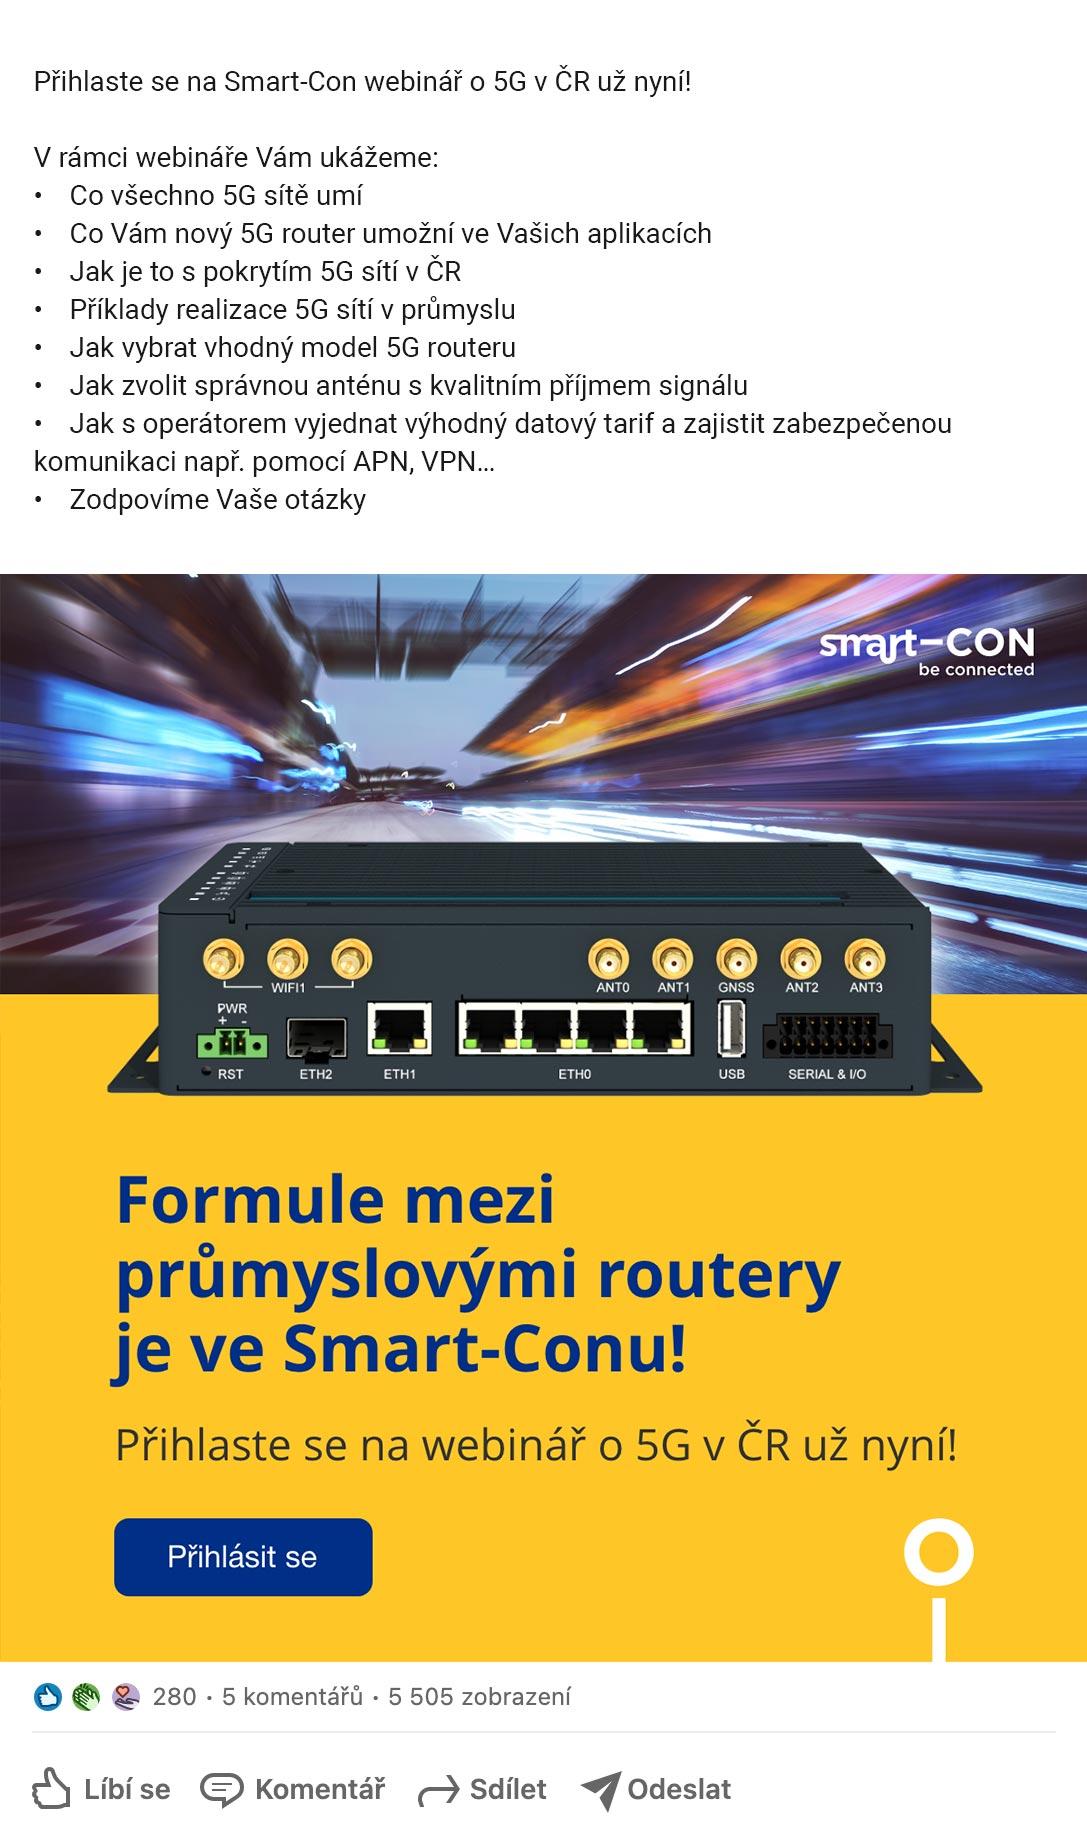 Marketingová kampaň na uvedení super rychlého 5G routeru - banner na LinkedIn